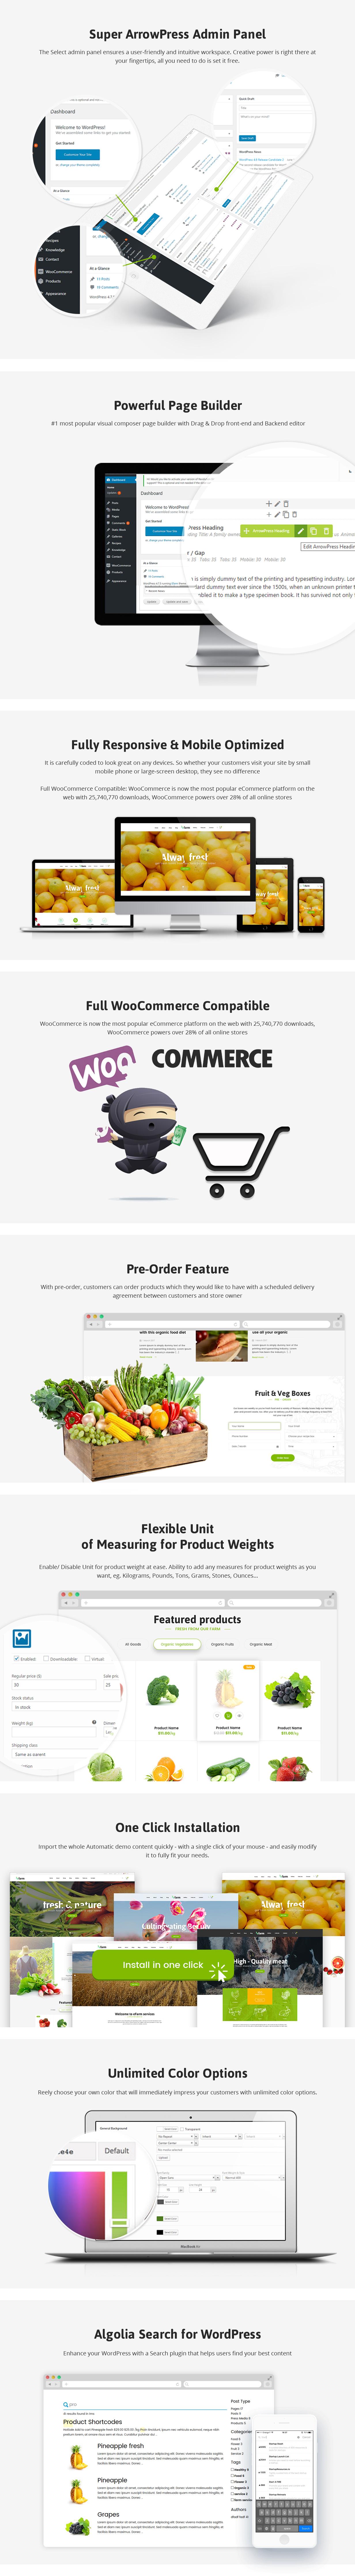 eFarm - Ein vielseitiges WordPress-Layout für Lebensmittel und Farmen - 8